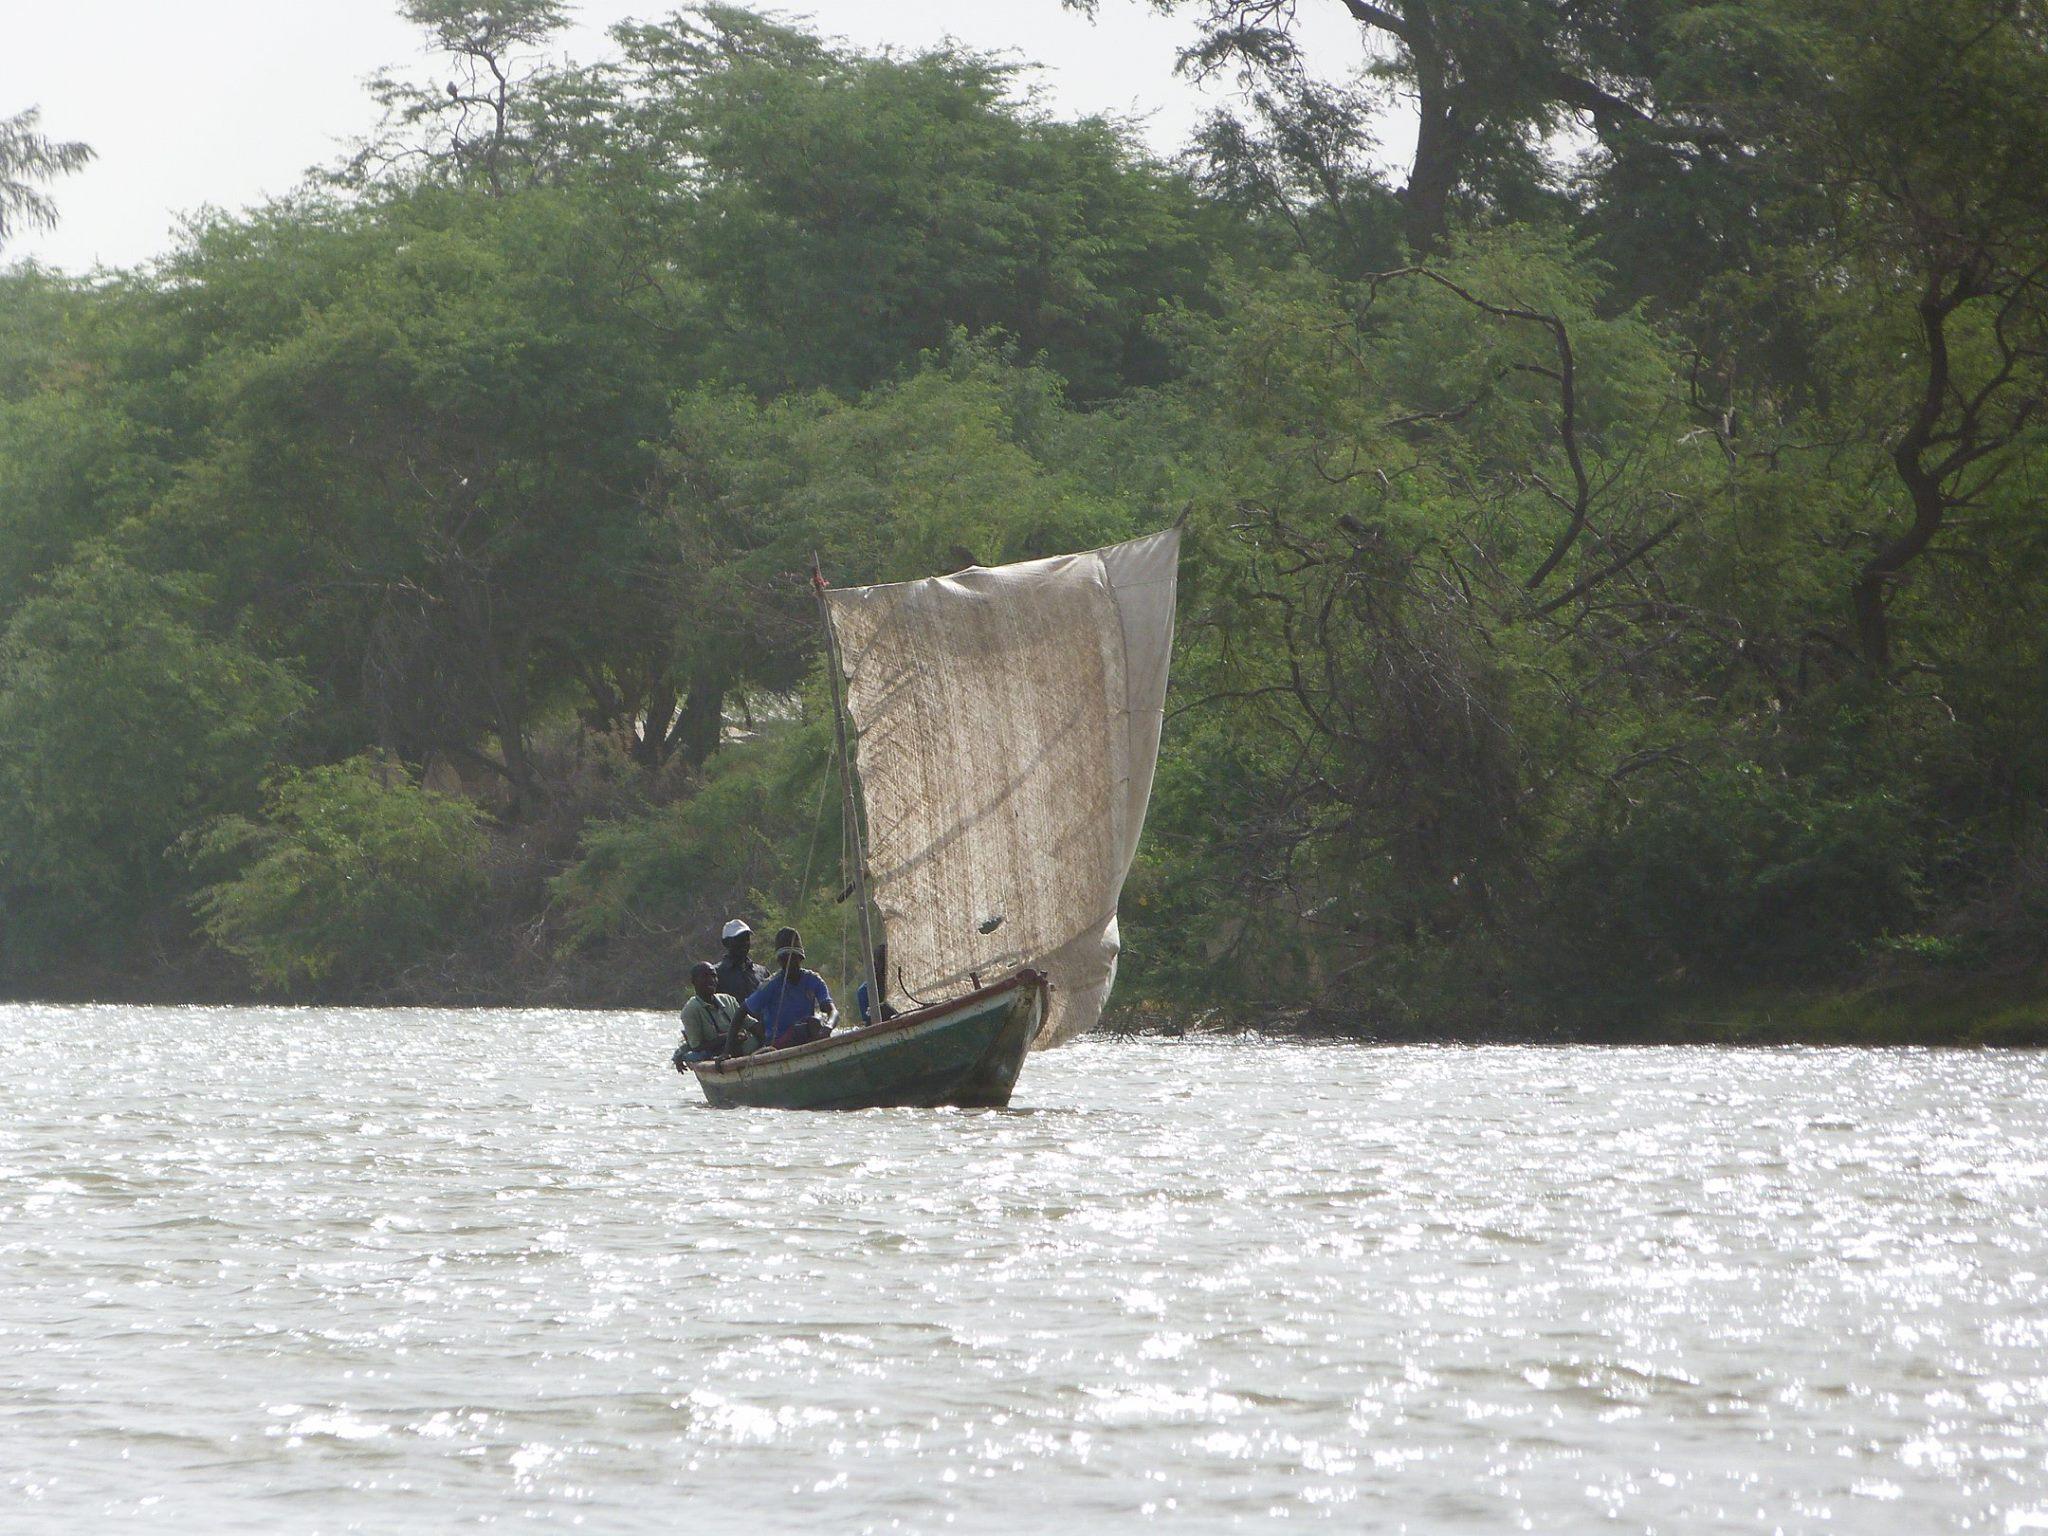 Pirogue à voile Bango Saint-Louis Sénéga